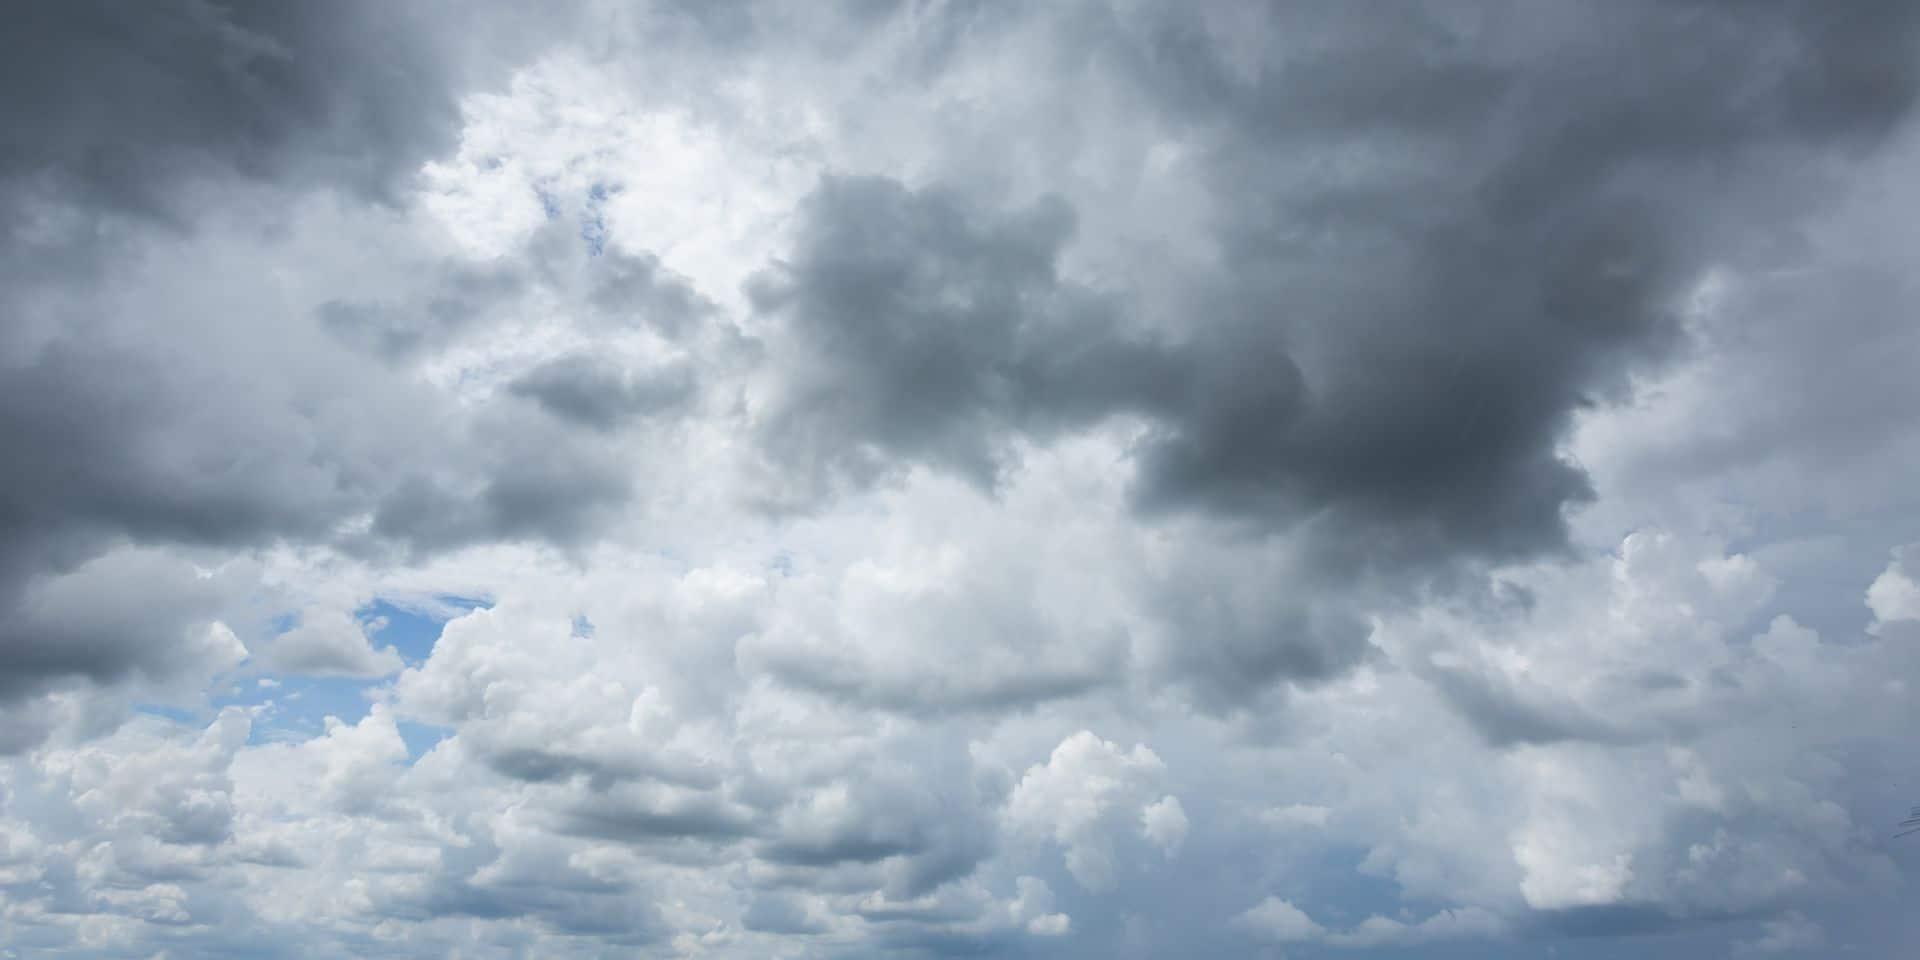 Météo: un temps globalement sec mercredi mais les averses de pluie et de neige reviennent